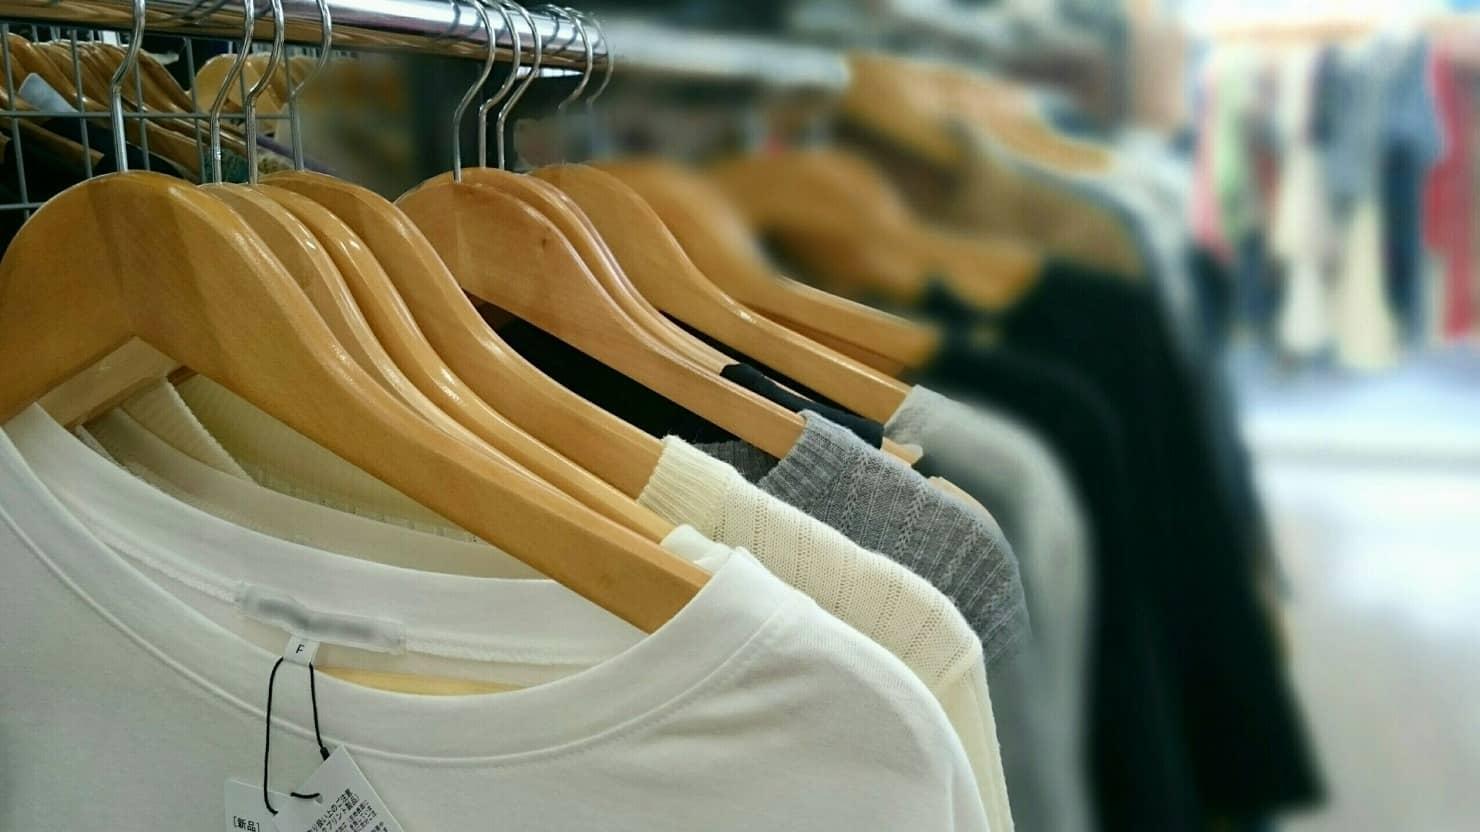 無印良品のマタニティが人気の理由 レギンス・パジャマ・デニムなど商品を大特集!